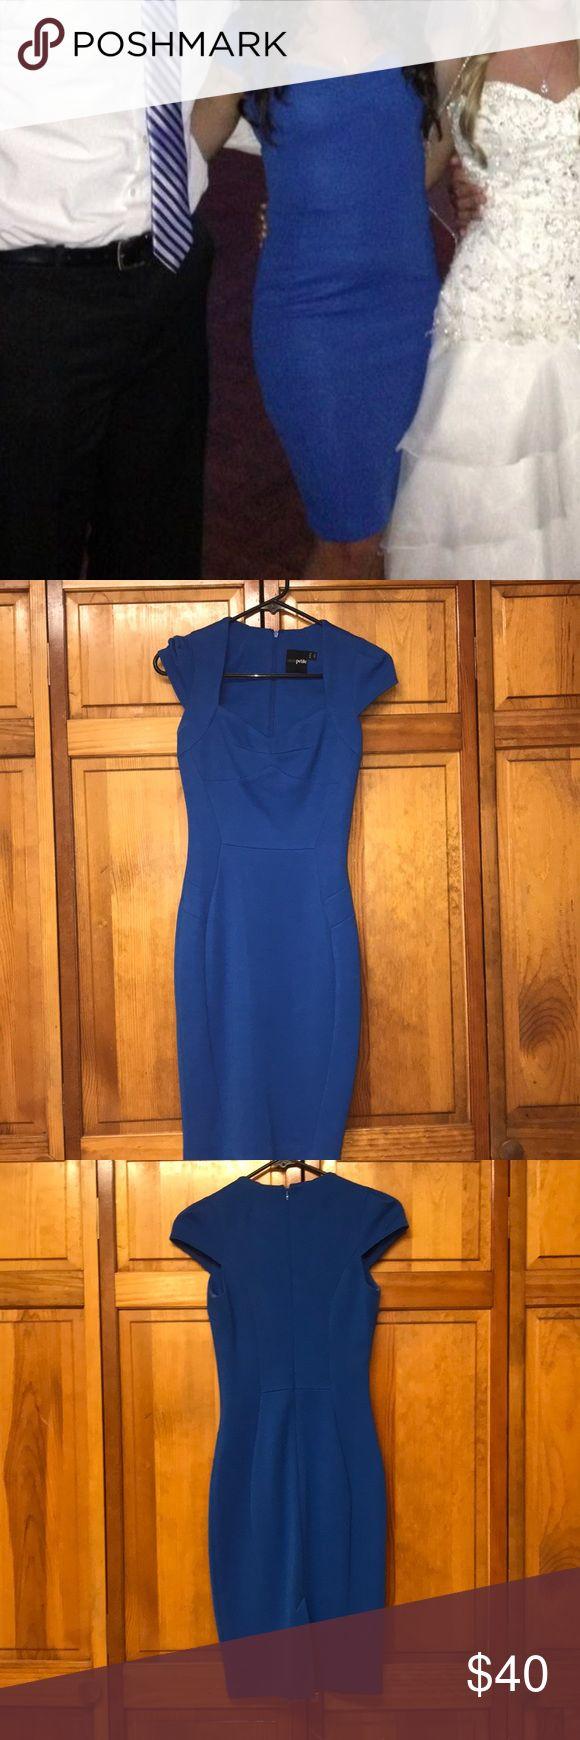 PETITE midi royal blue dress Asos PETITE midi blue dress Only worn once ASOS Dresses Midi